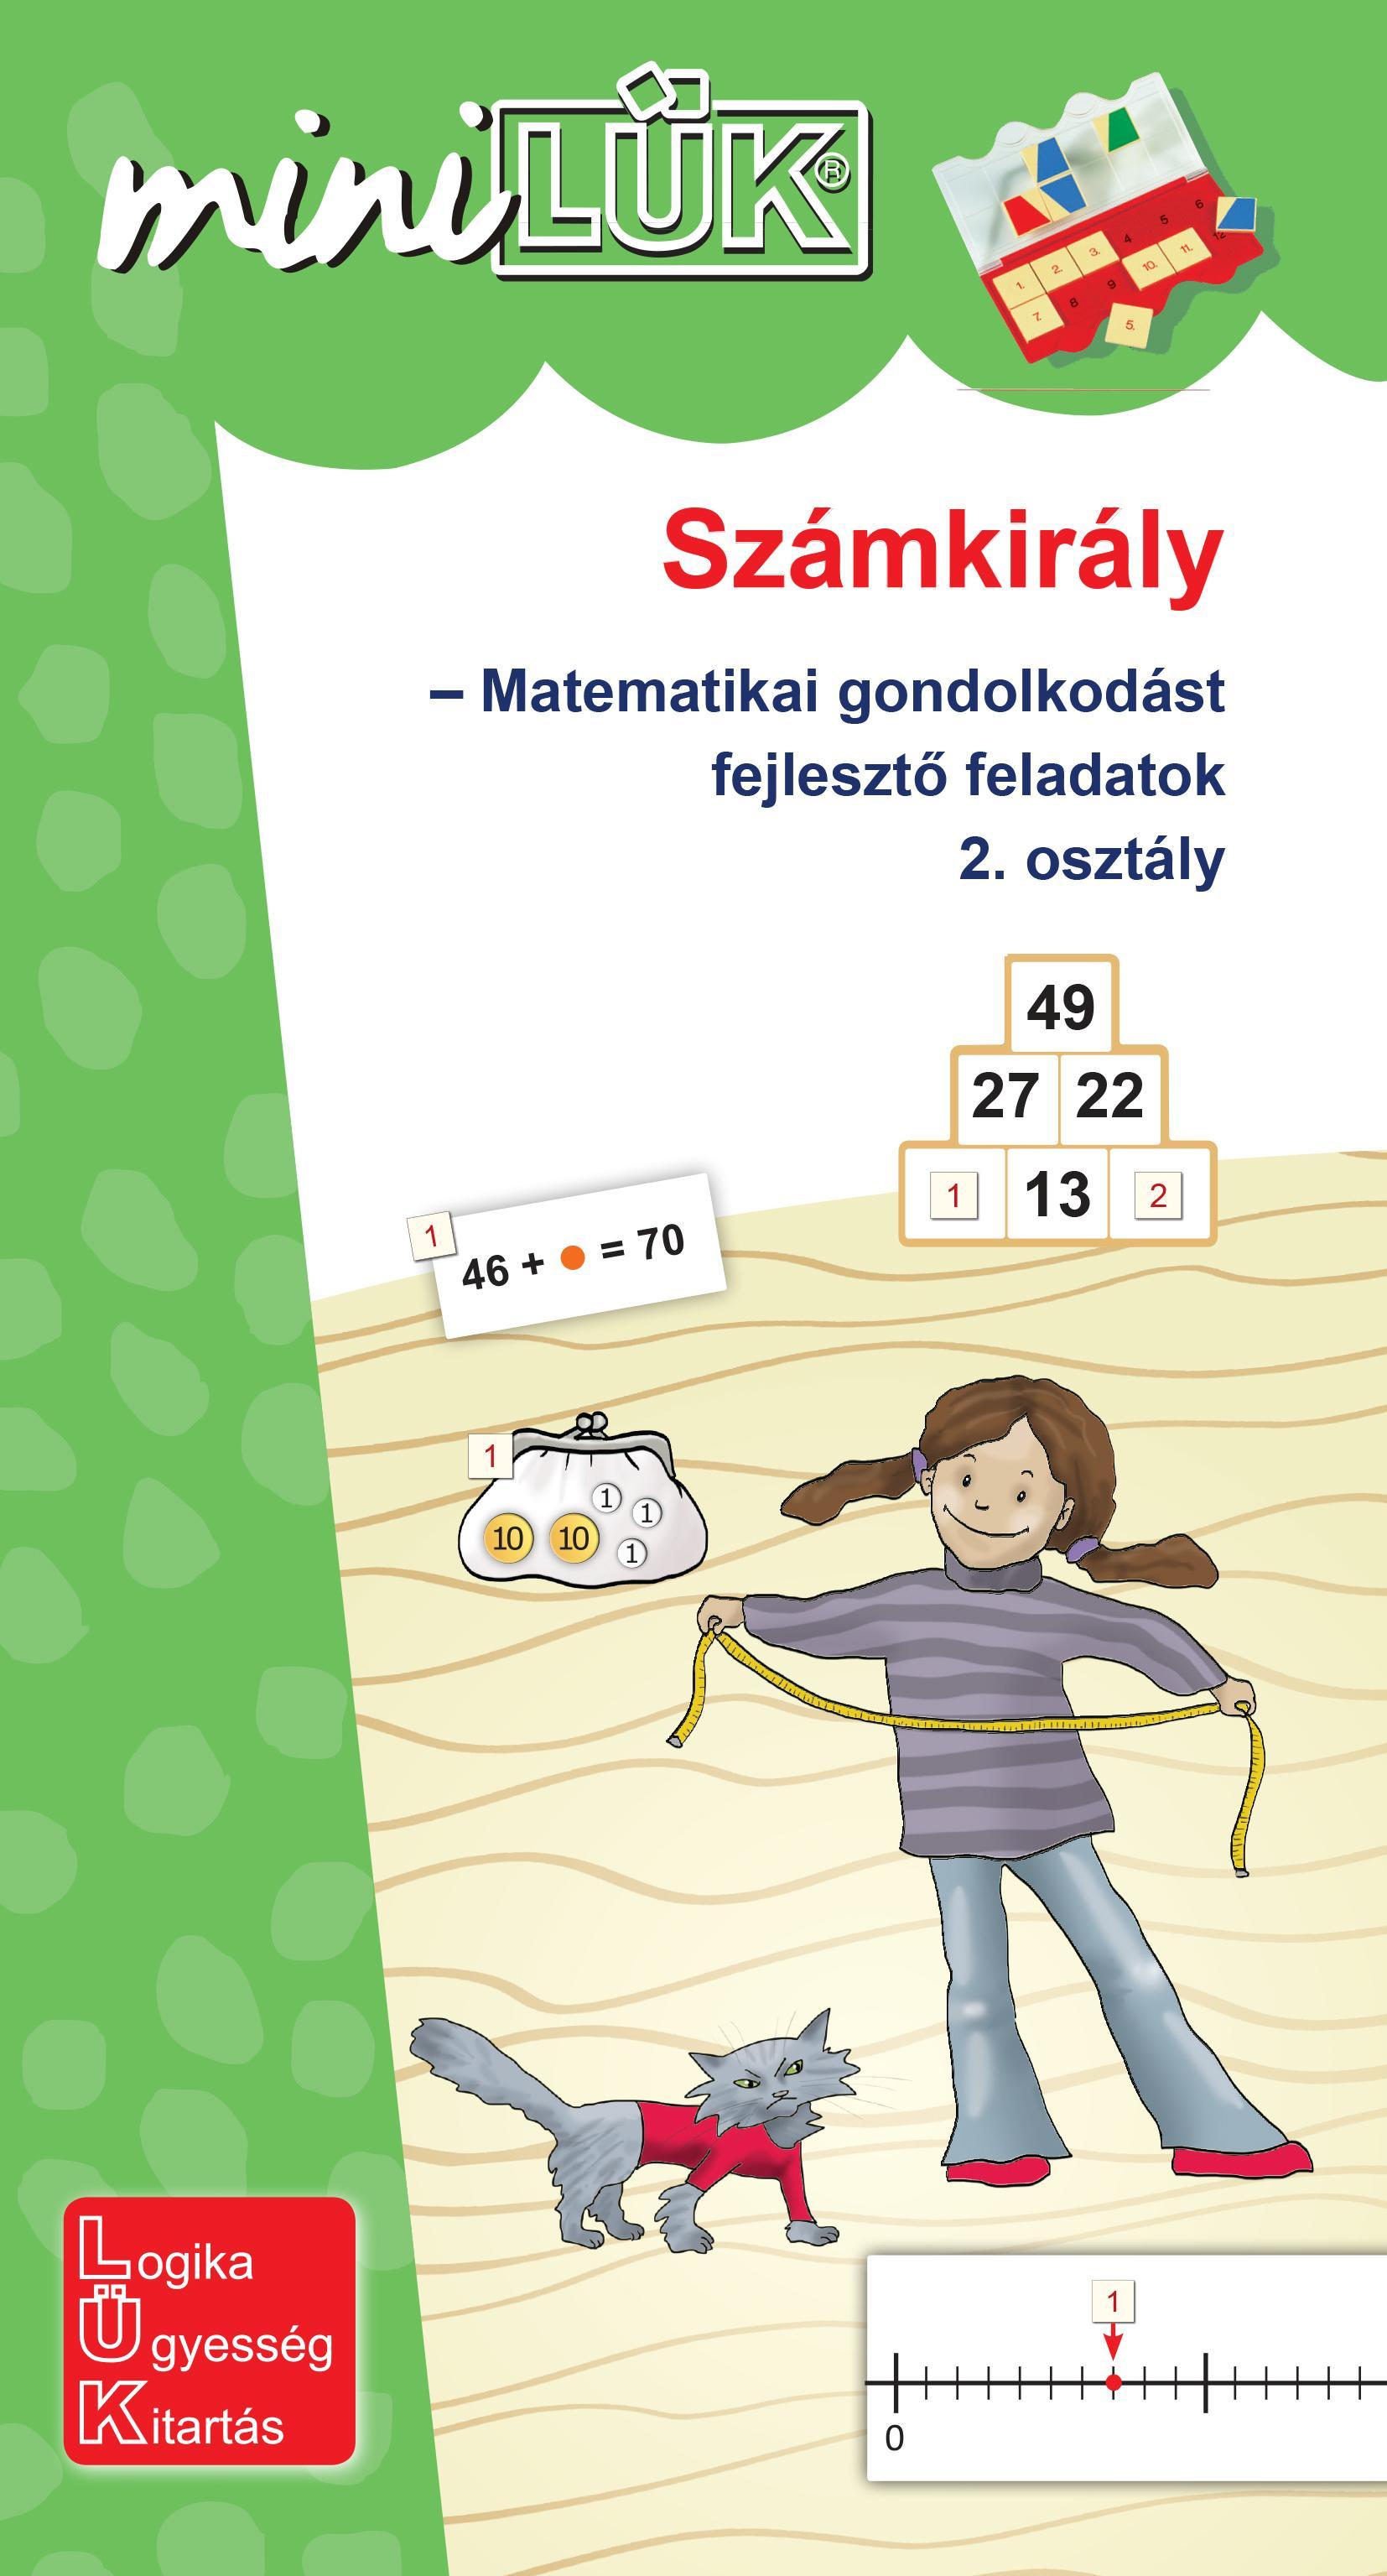 LDI532 - SZÁMKIRÁLY - MATEMATIKAI GONDOLKODÁST FEJLESZTŐ FELADATOK  2. OSZTÁLY - MINILÜK